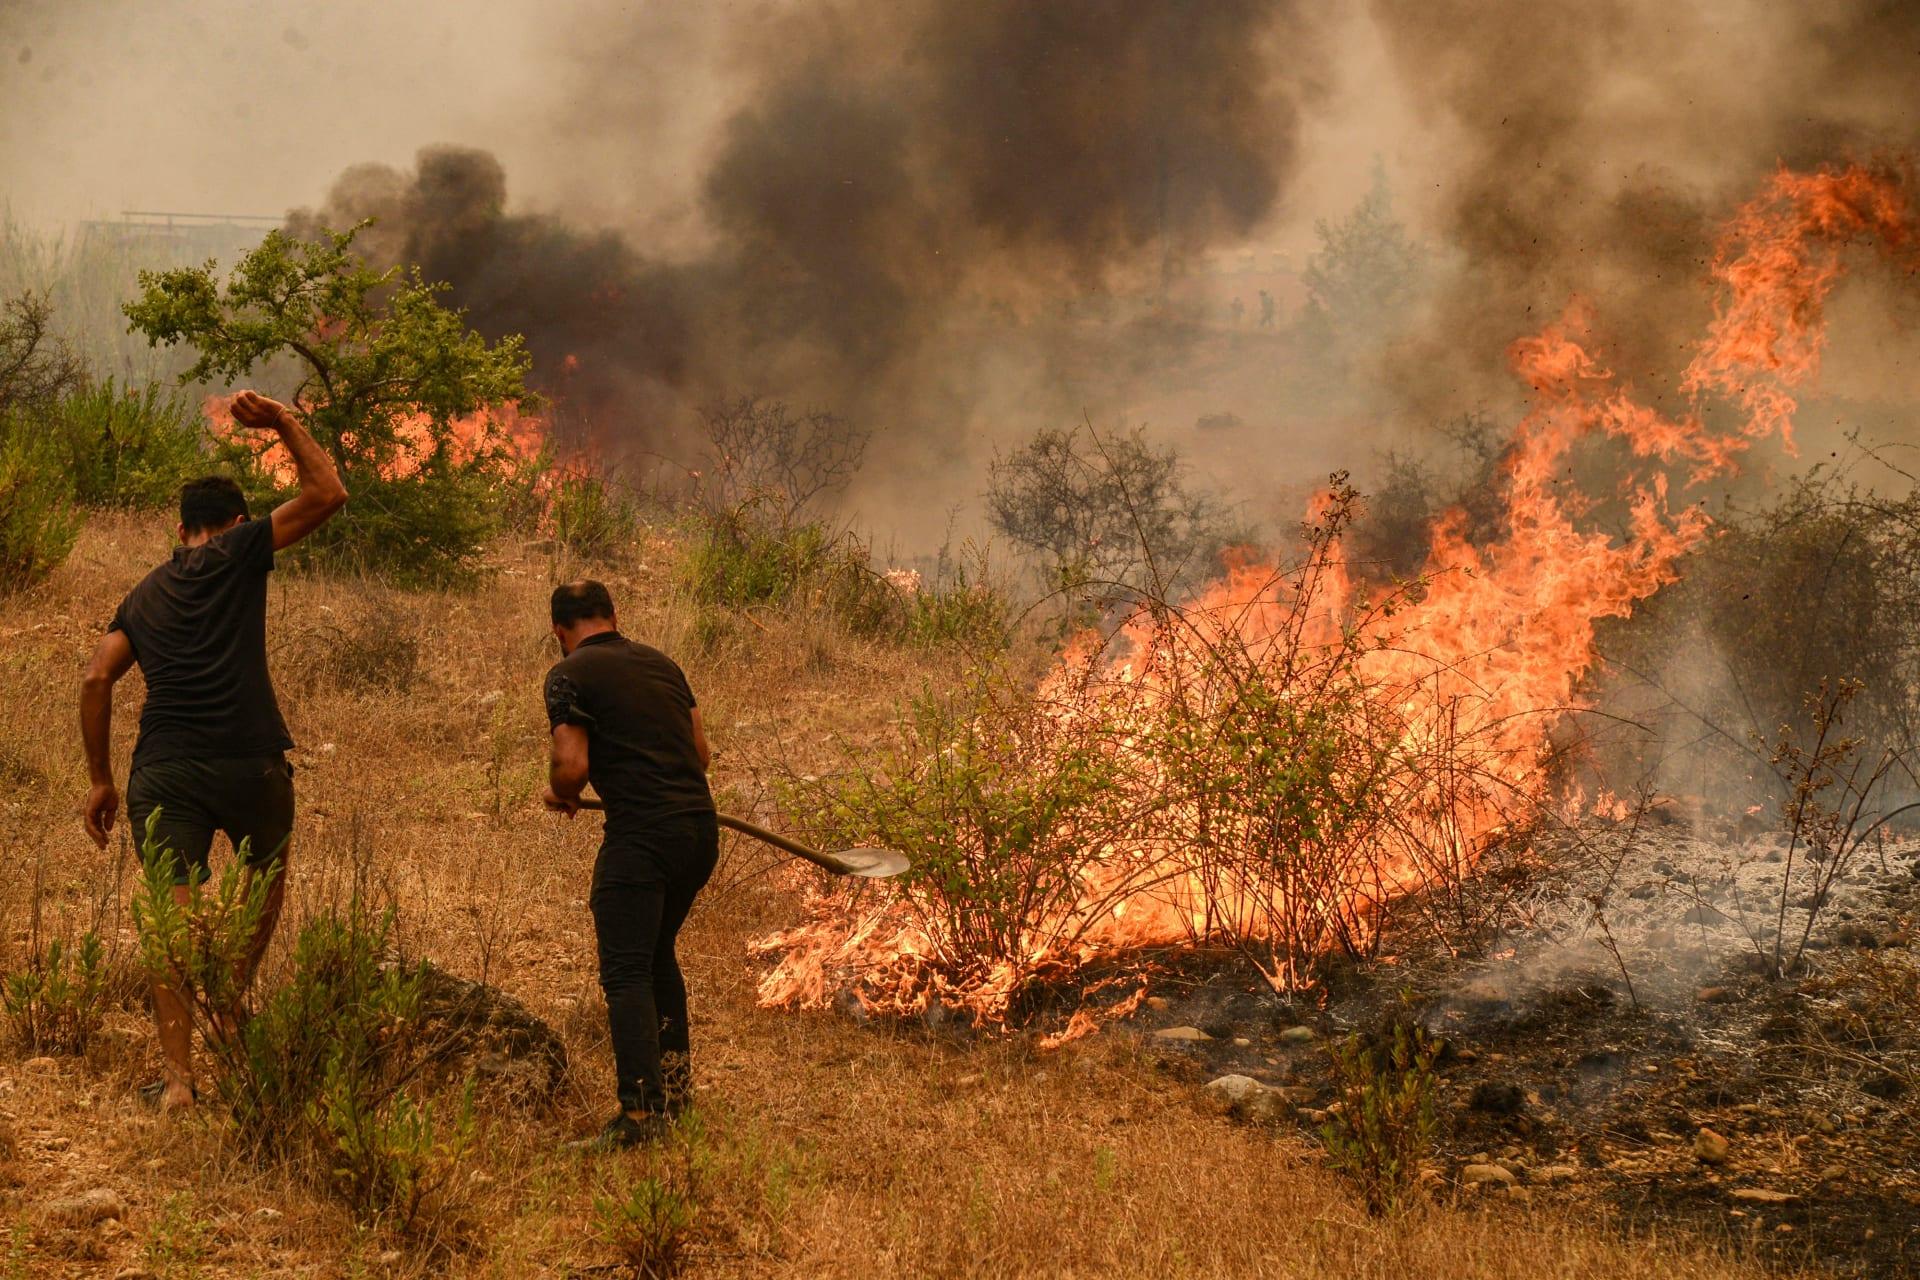 عشرات من حرائق الغابات في تركيا بعضها بنطاق وجهات سياحية حيوية